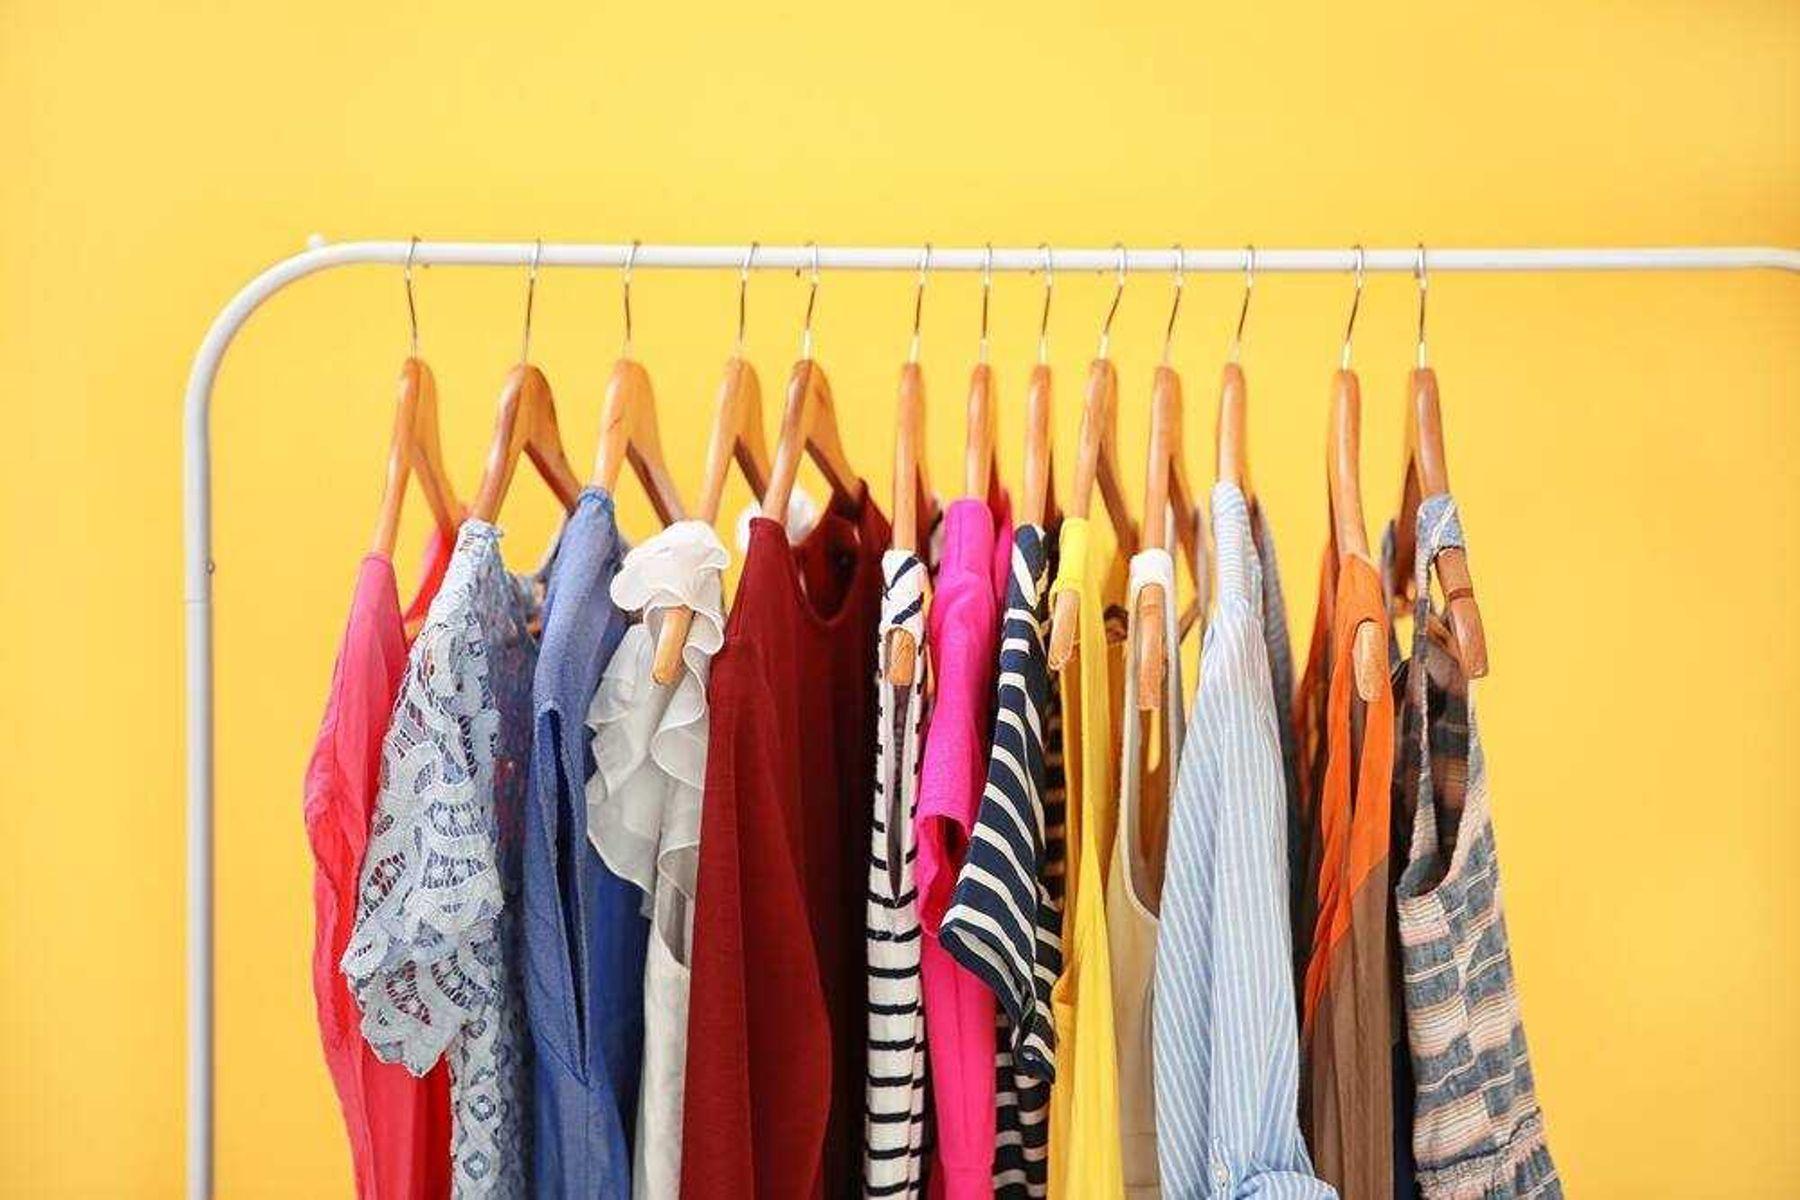 lavar-roupa-nova-antes-de-usar-dicas-para-deixa-la-limpa-e-higienizada